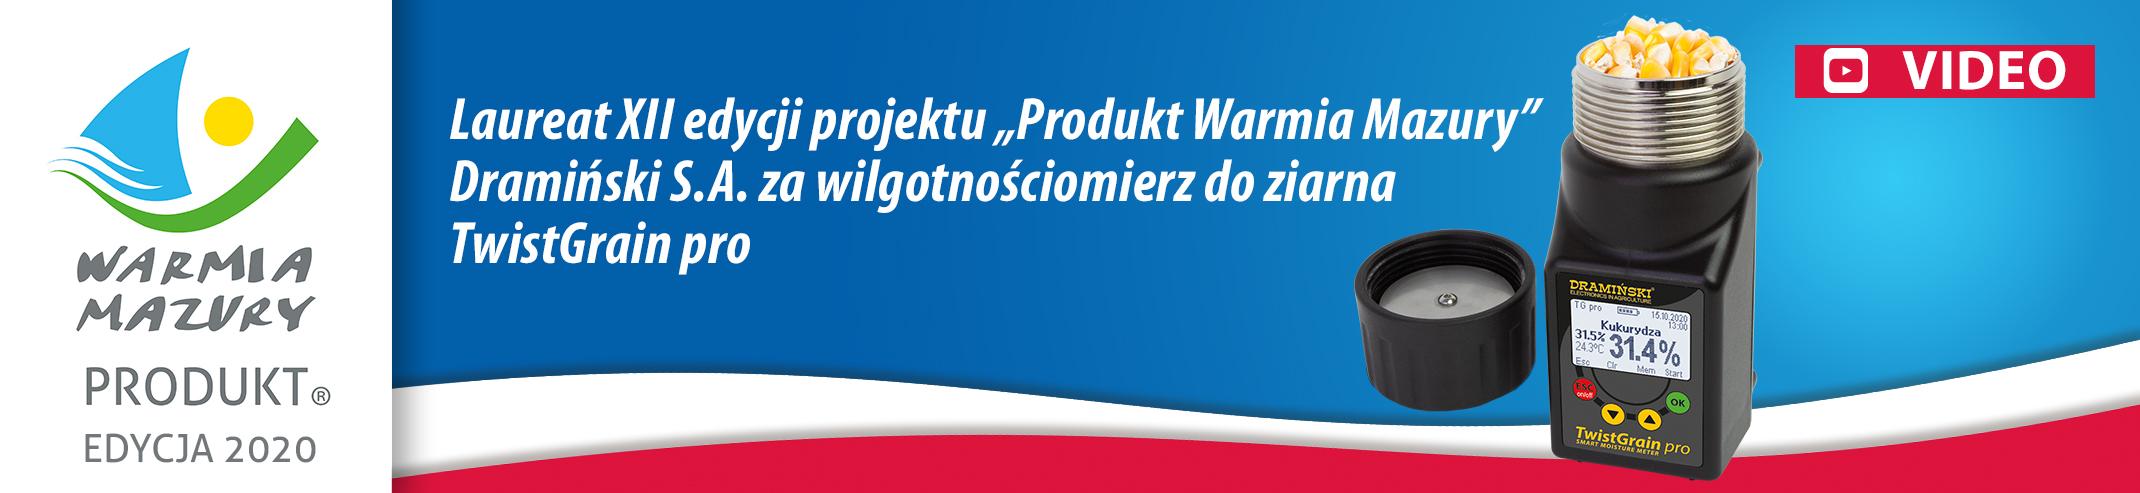 polski produkt Warmia i Mazury - Wilgotnościomierz Dramiński TwistGrain pro